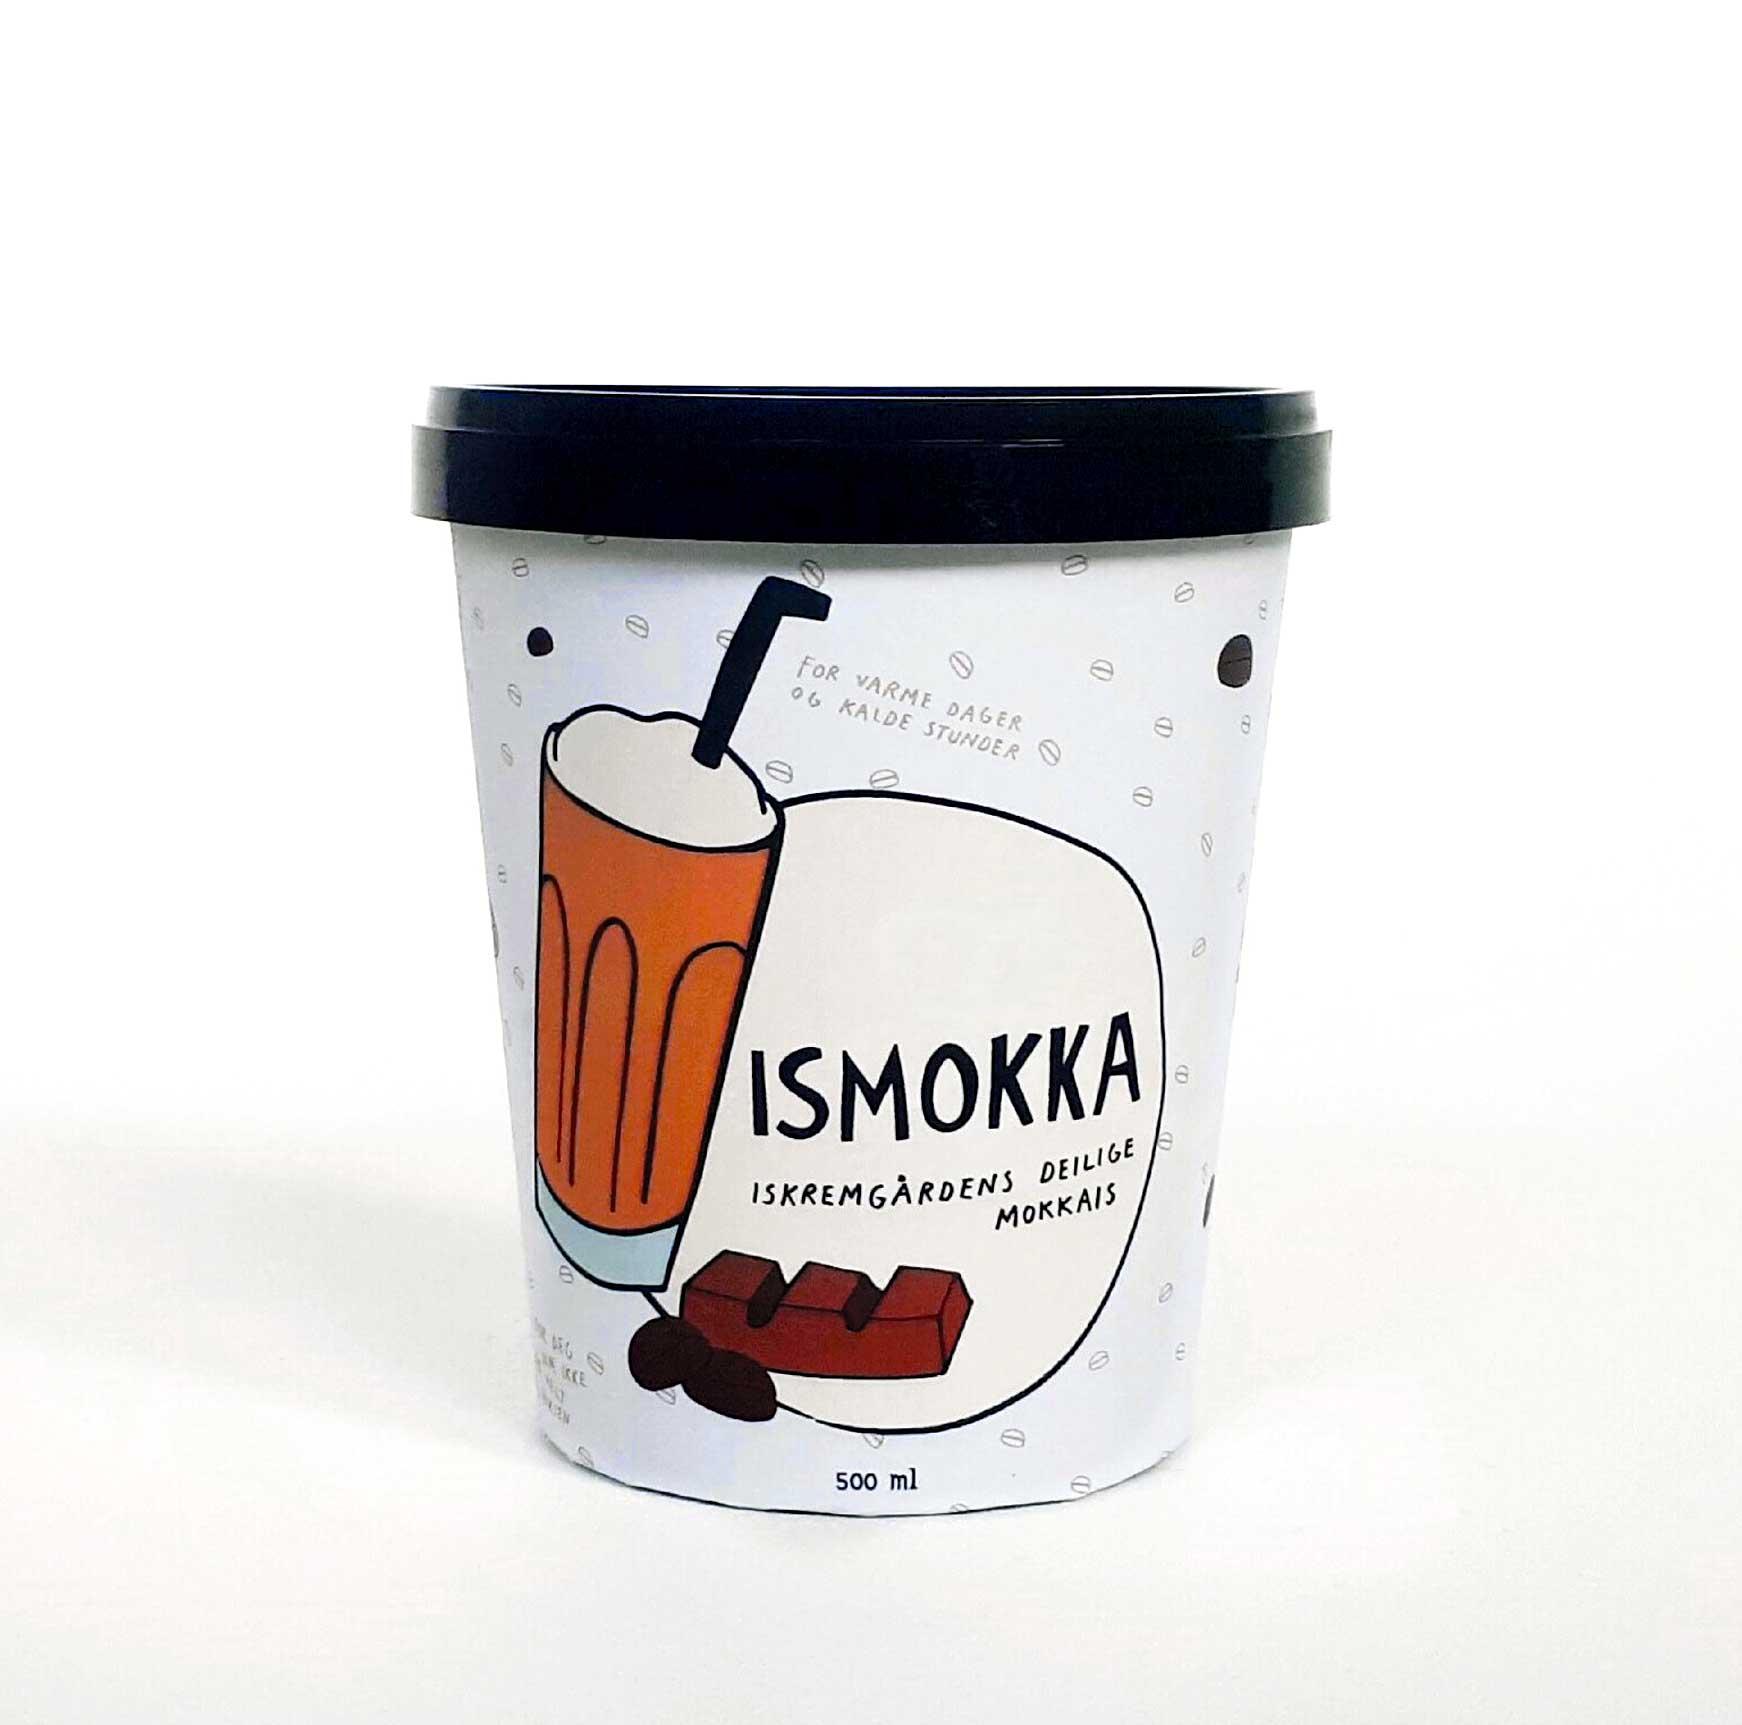 ISMOKKA   Iskremgårdens deilige mokkais. For deg som ikke er helt voksen.  En herlig kombinasjon av vanlijeis, sjokolade og kaffe. Perfekt på en varm sommerdag.